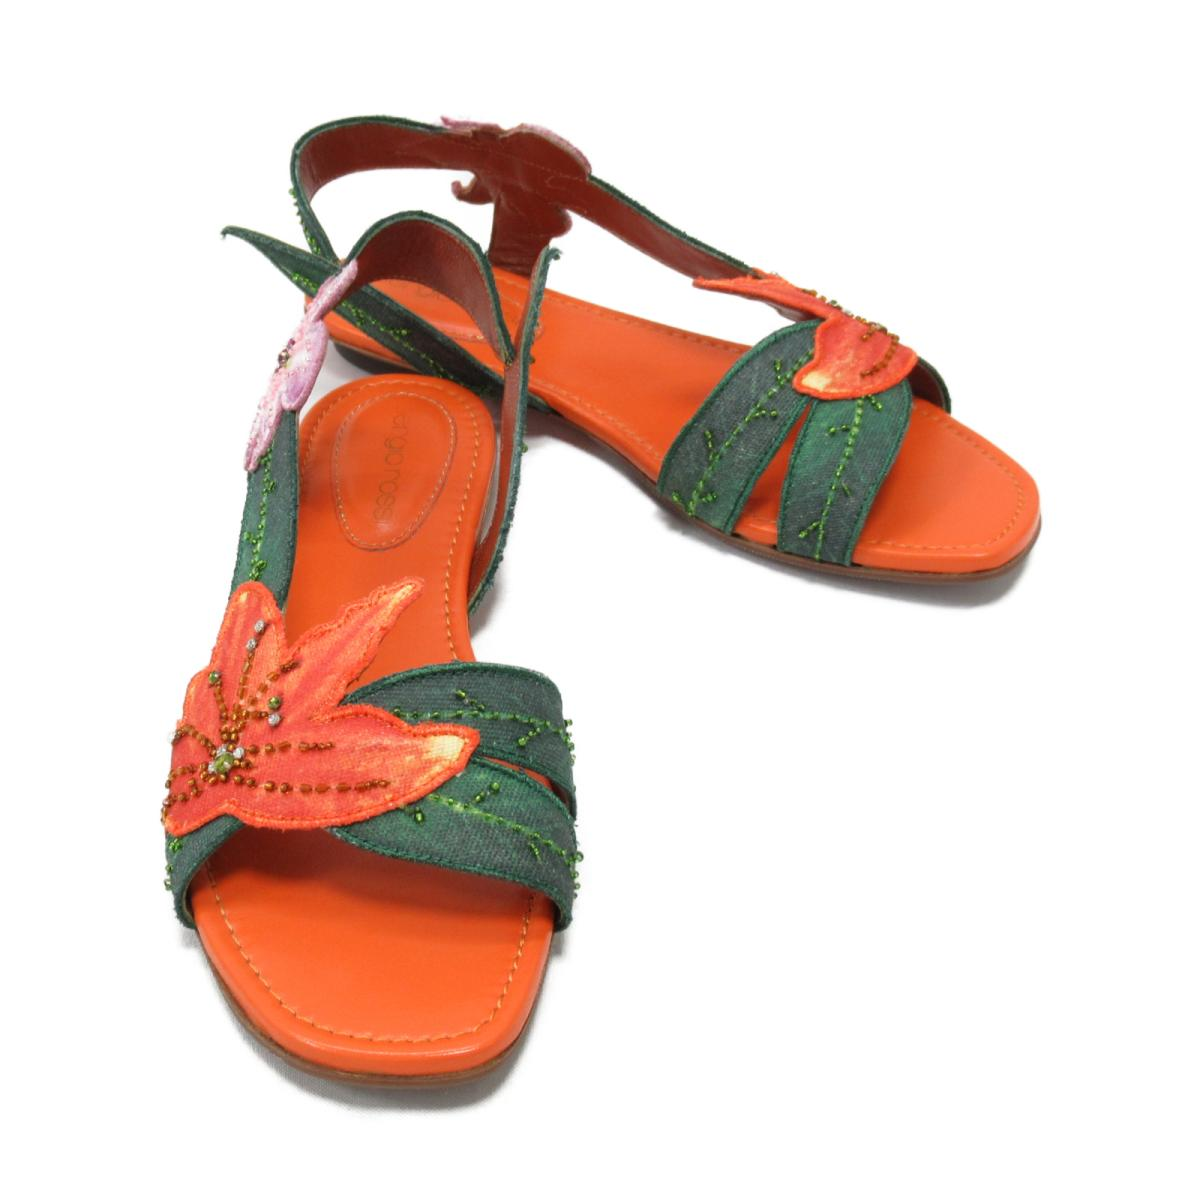 【中古】 セルジオ・ロッシ サンダル レディース キャンバス マルチカラー | sergiorossi くつ 靴 サンダル 美品 ブランドオフ